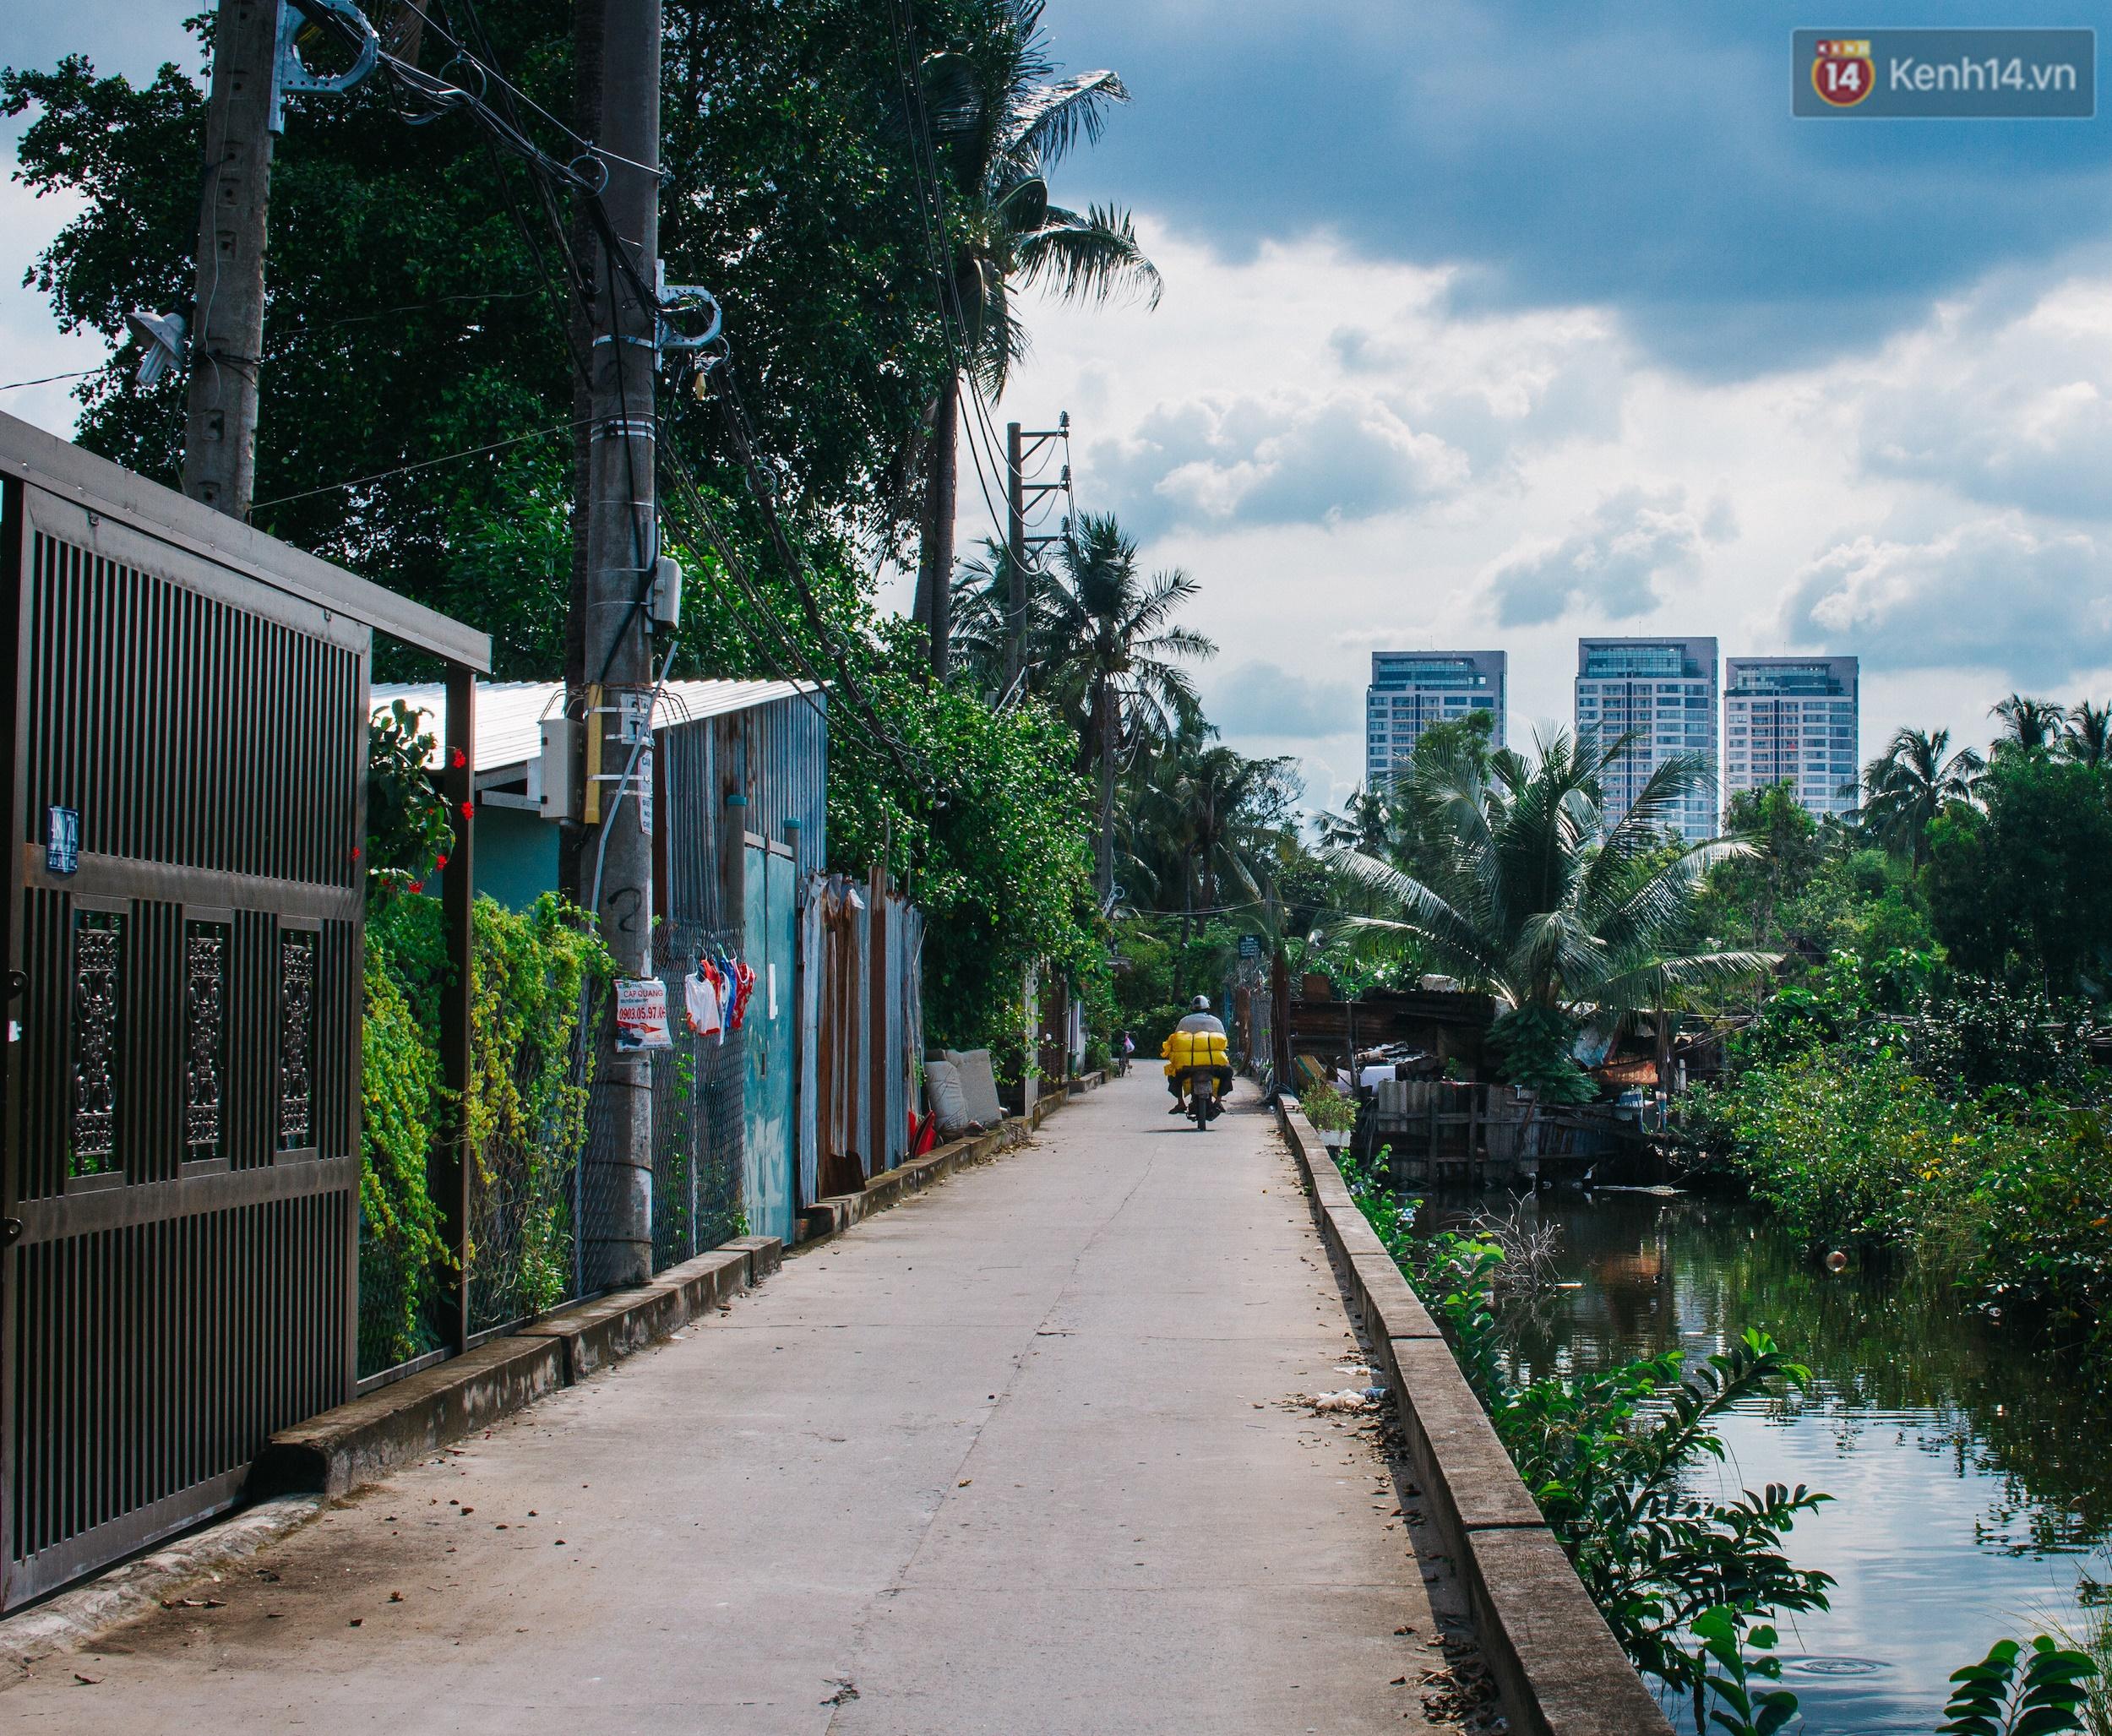 Chùm ảnh: Cuộc sống ở bán đảo Thanh Đa - Một miền nông thôn tách biệt dù chỉ cách trung tâm Sài Gòn vài km - Ảnh 11.